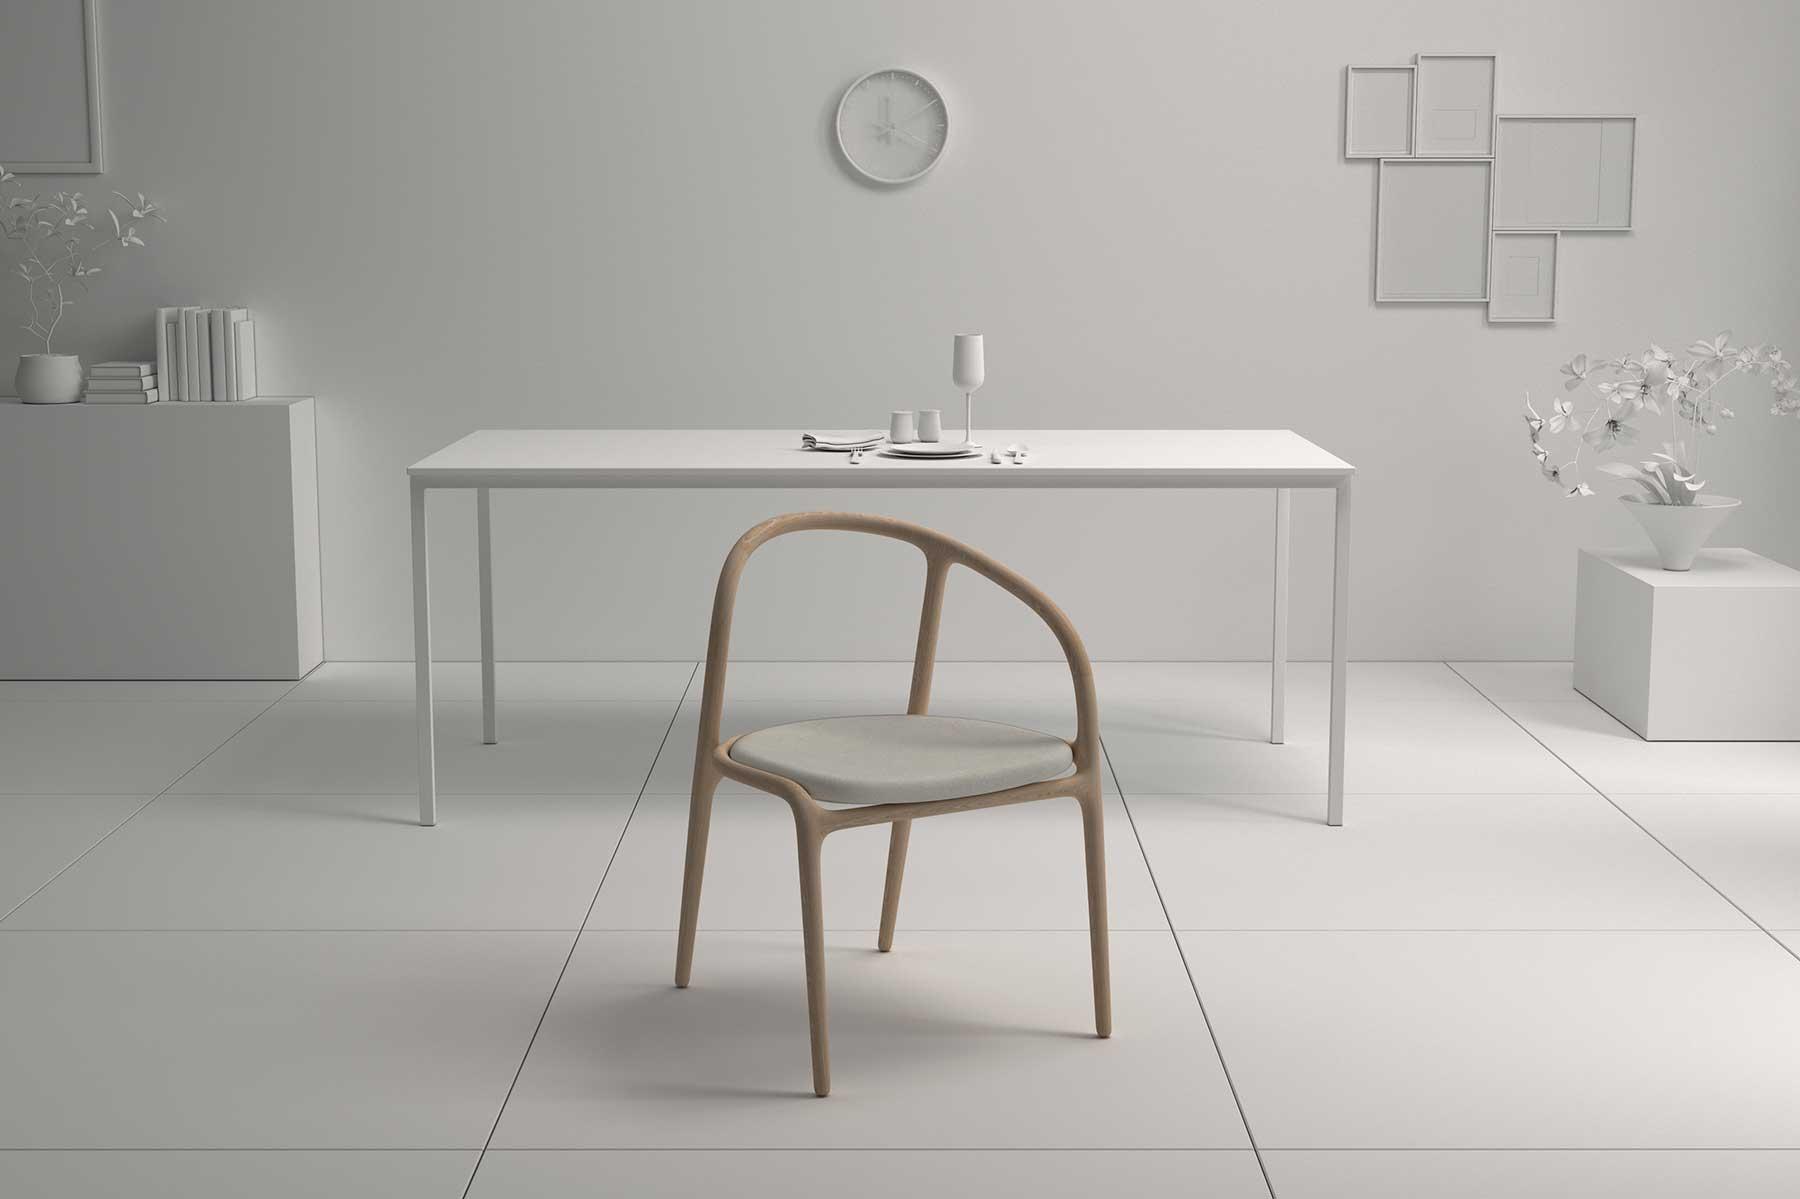 silla sin brazo diseño producto madera elegante